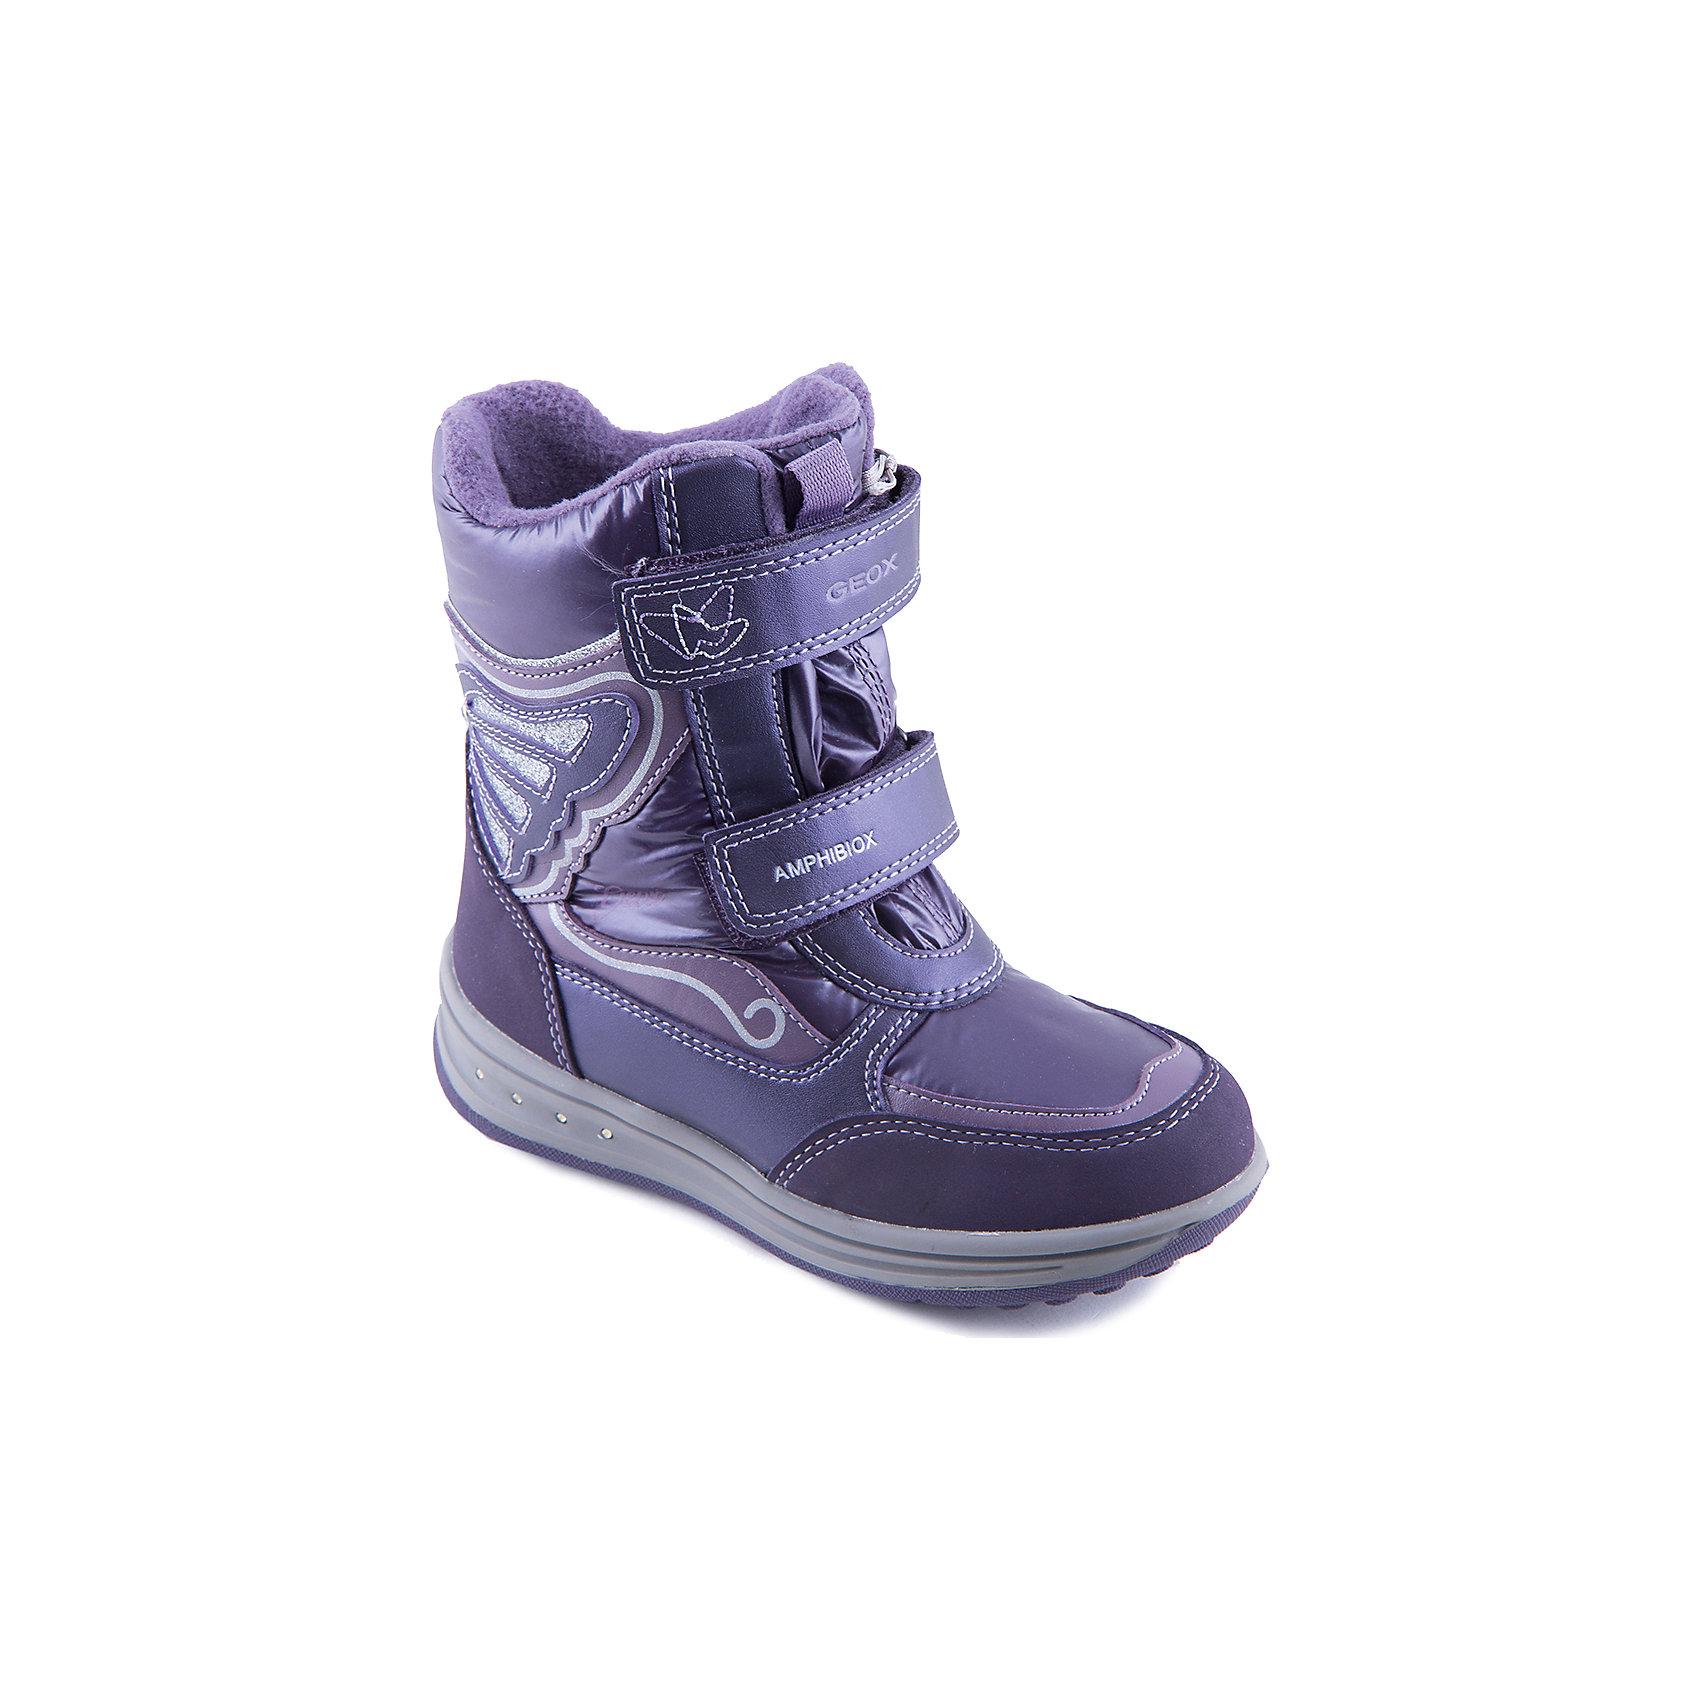 Сапоги для девочки GEOXСтильные сапоги от известной марки выполнены из высококачественных материалов, прекрасно подойдут для холодной погоды. Модель на толстой подошве отлично защищает ноги ребенка от холода. Сапоги застегиваются на липучки, декорированы аппликацией в виде крыла бабочки.<br><br>Дополнительная информация:<br><br>- Теплая подкладка.<br>- Защита от промокания.<br>- Сезон: осень/зима.<br>- Температурный режим: от 0?до -15?.<br>- Тип застежки: липучка. <br><br>Состав:<br>- Верх: искусственная кожа, текстиль. <br>- Подкладка: байка.<br>- Подошва: резина.<br>- Стелька: байка.<br><br>Сапоги для девочки, GEOX (Геокс), можно купить в нашем магазине.<br><br>Ширина мм: 257<br>Глубина мм: 180<br>Высота мм: 130<br>Вес г: 420<br>Цвет: фиолетовый<br>Возраст от месяцев: 84<br>Возраст до месяцев: 96<br>Пол: Женский<br>Возраст: Детский<br>Размер: 34,36,35,30,31,32,28,29,33<br>SKU: 4178559